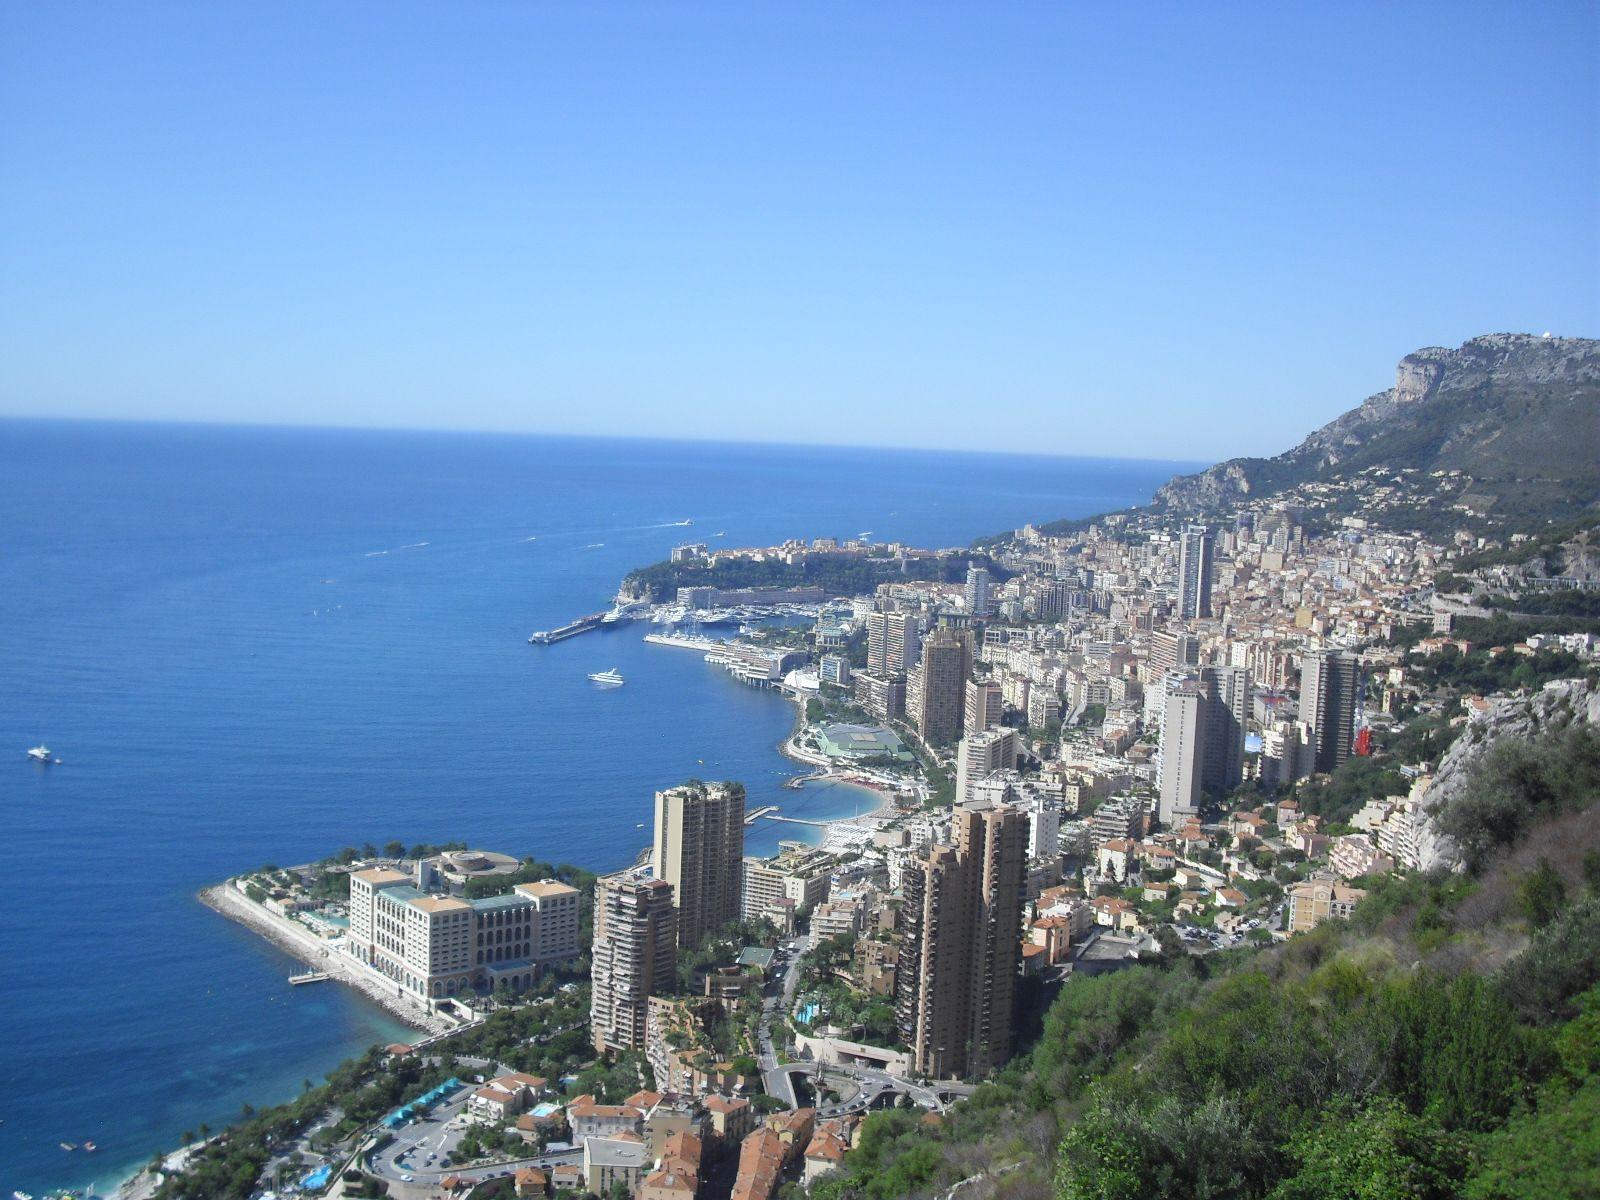 Monaco. Una de mis ciudades favoritas junto a Barcelona.